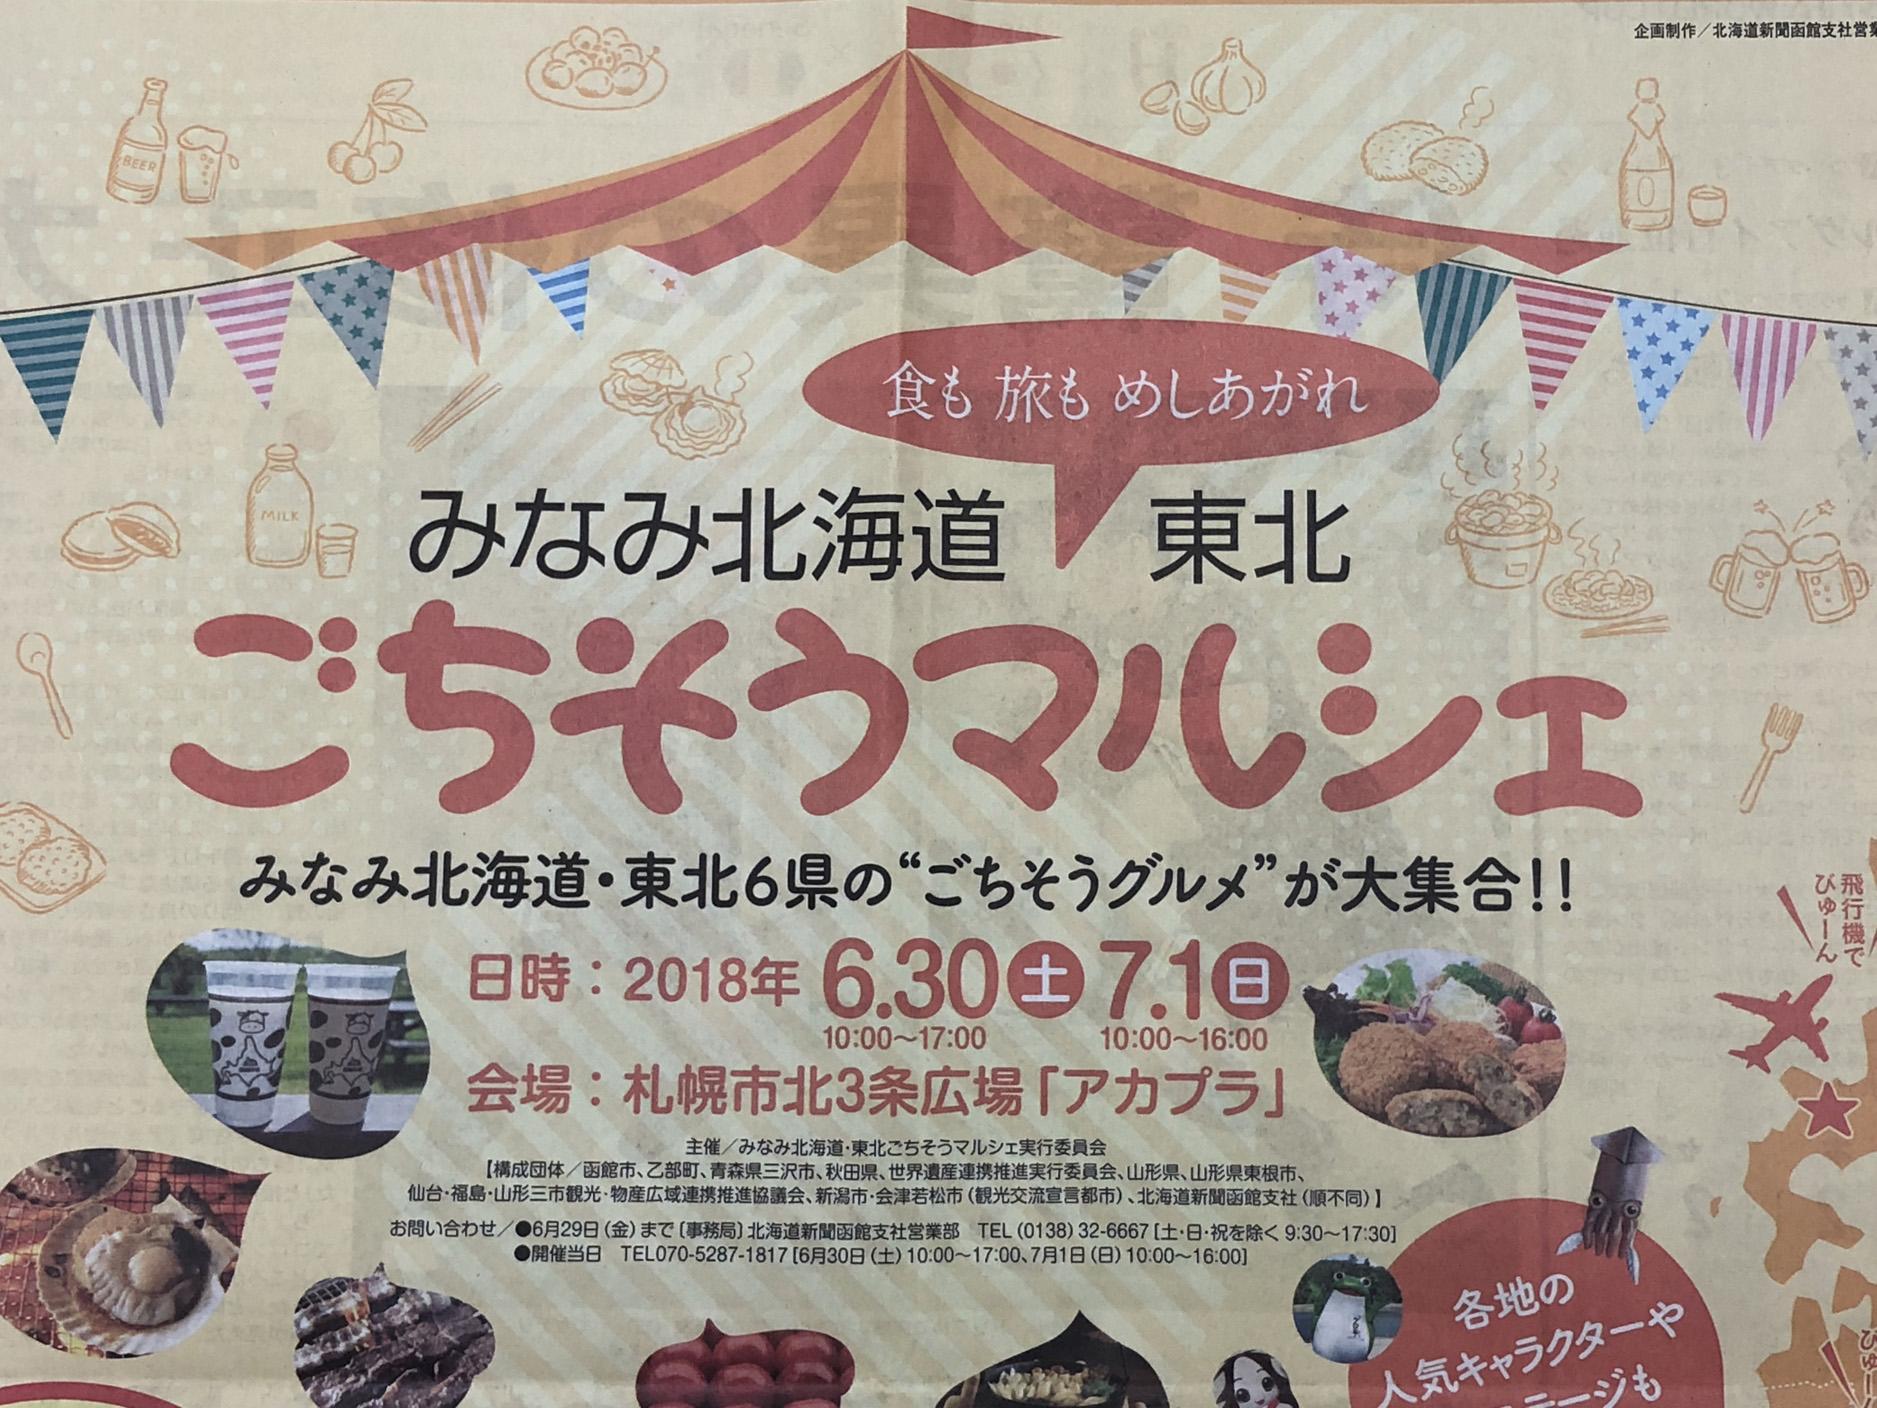 食も旅もめしあがれ みなみ北海道・東北ごちそうマルシェ